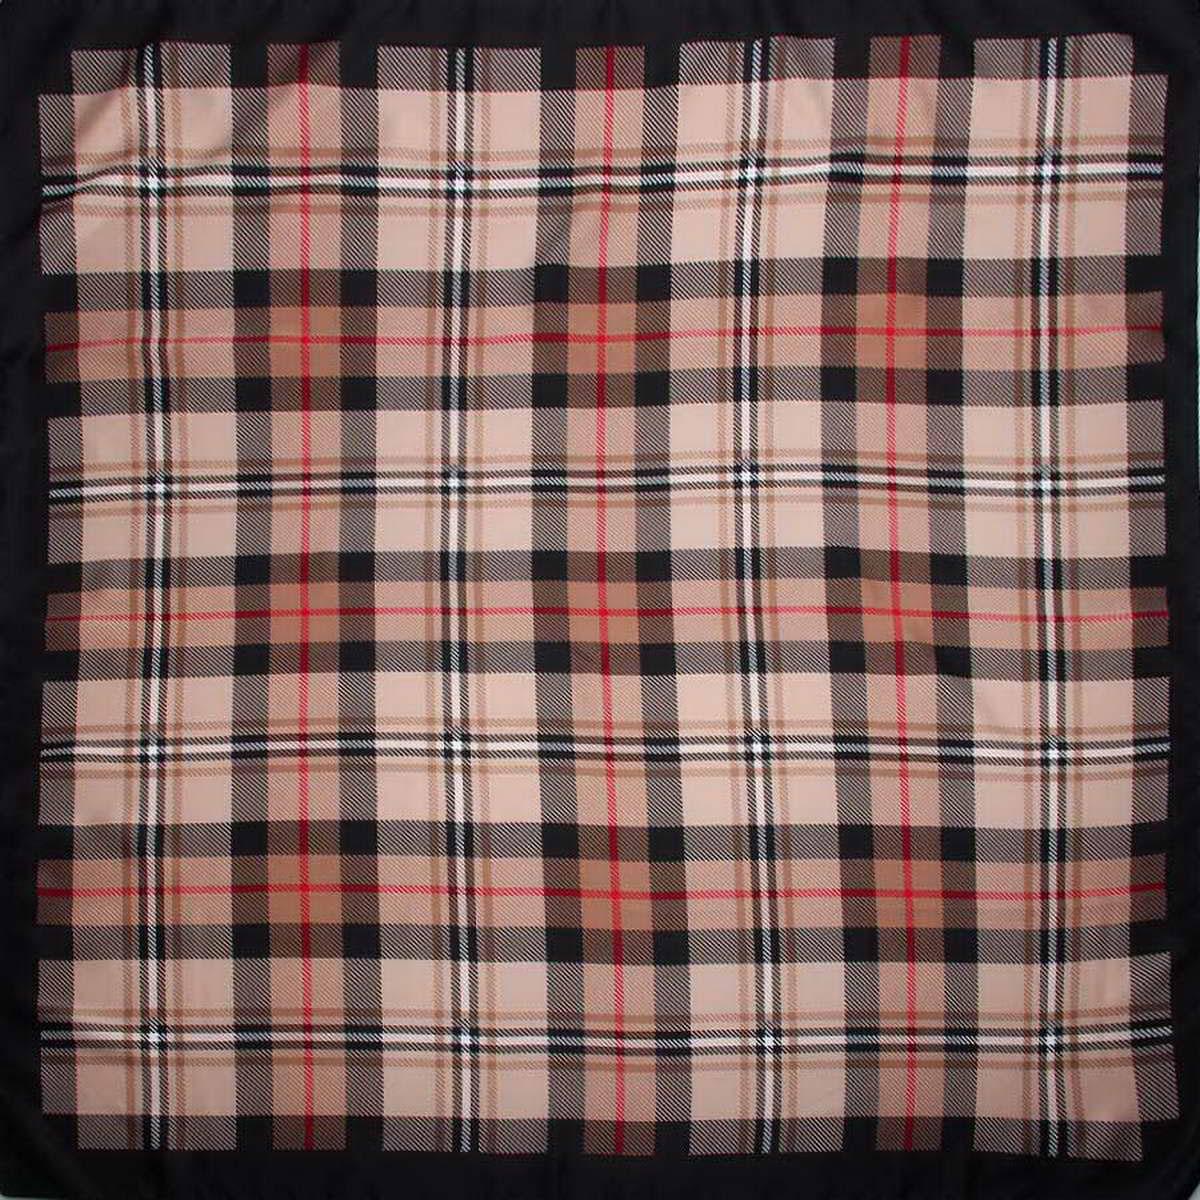 Платок3913183-20Элегантный и стильный женский платок Venera изготовлен из легкого и нежного полиэстера. Такой платок станет неотъемлемым элементом вашего гардероба. Платок оформлен принтом в клетку и идеально подходит для одежды любого стиля и цвета. Классическая квадратная форма позволяет носить платок на шее, украшать им прическу или декорировать сумочку. Платок Venera превосходно дополнит любой наряд и подчеркнет ваш неповторимый вкус и элегантность.